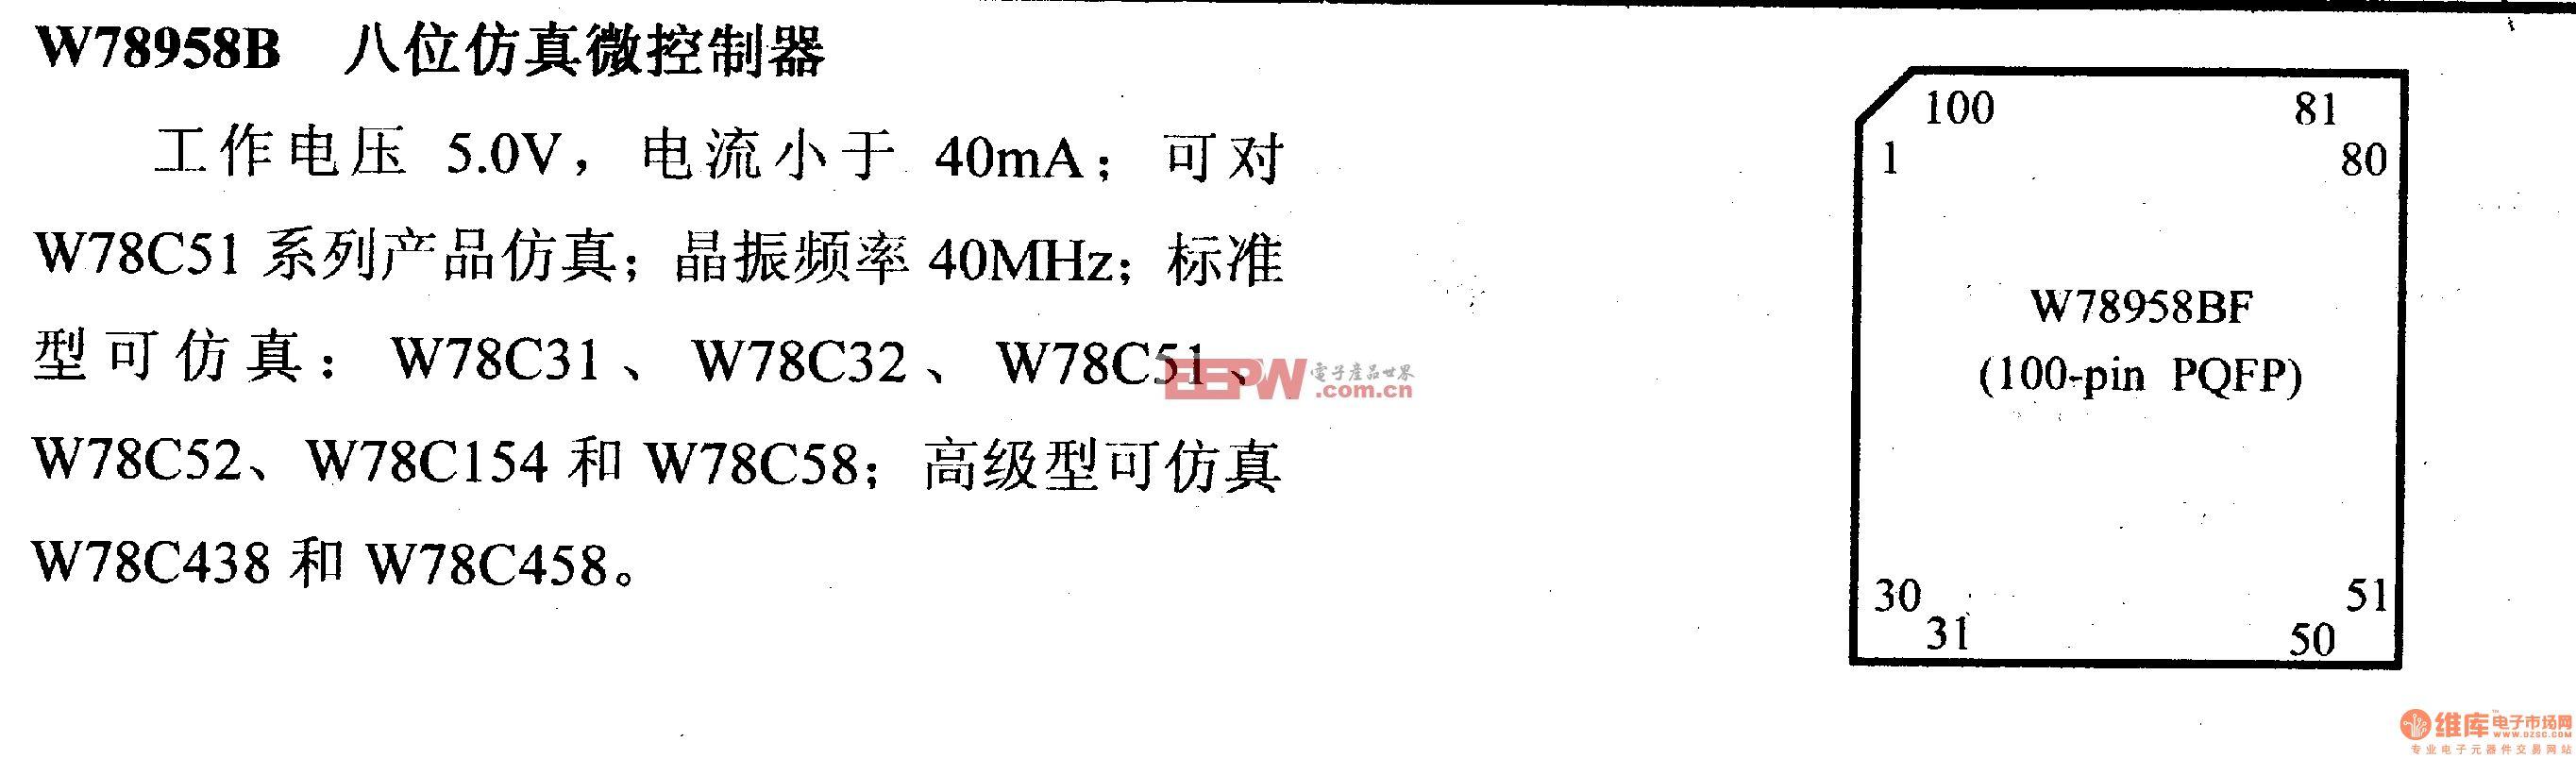 芯片引脚及主要特性W78958B 八位仿真微控制器